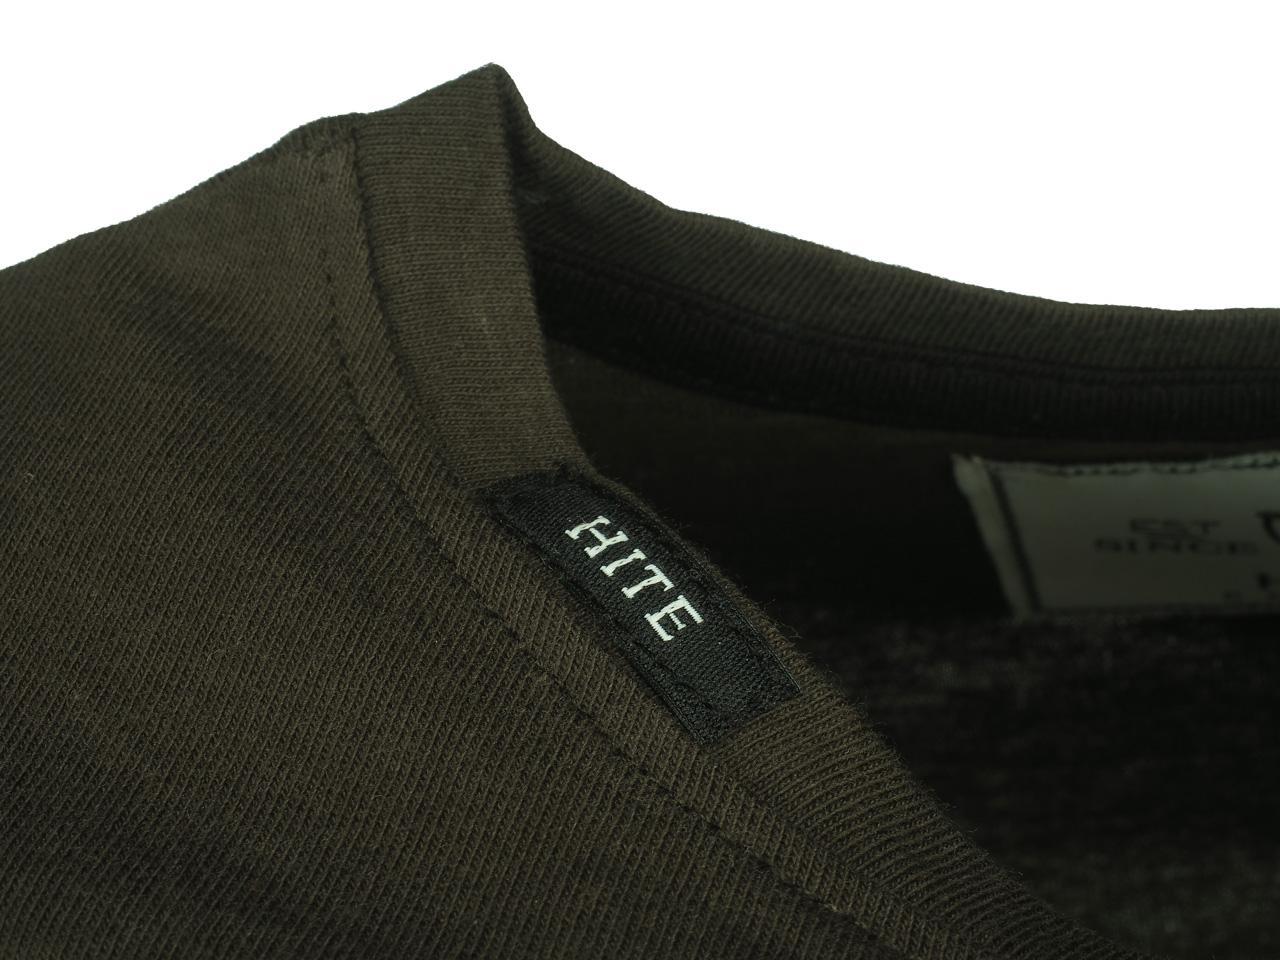 Short-Hite-Couture-Mixer-Kakiblack-Mc-Tee-Green-11537-New thumbnail 4